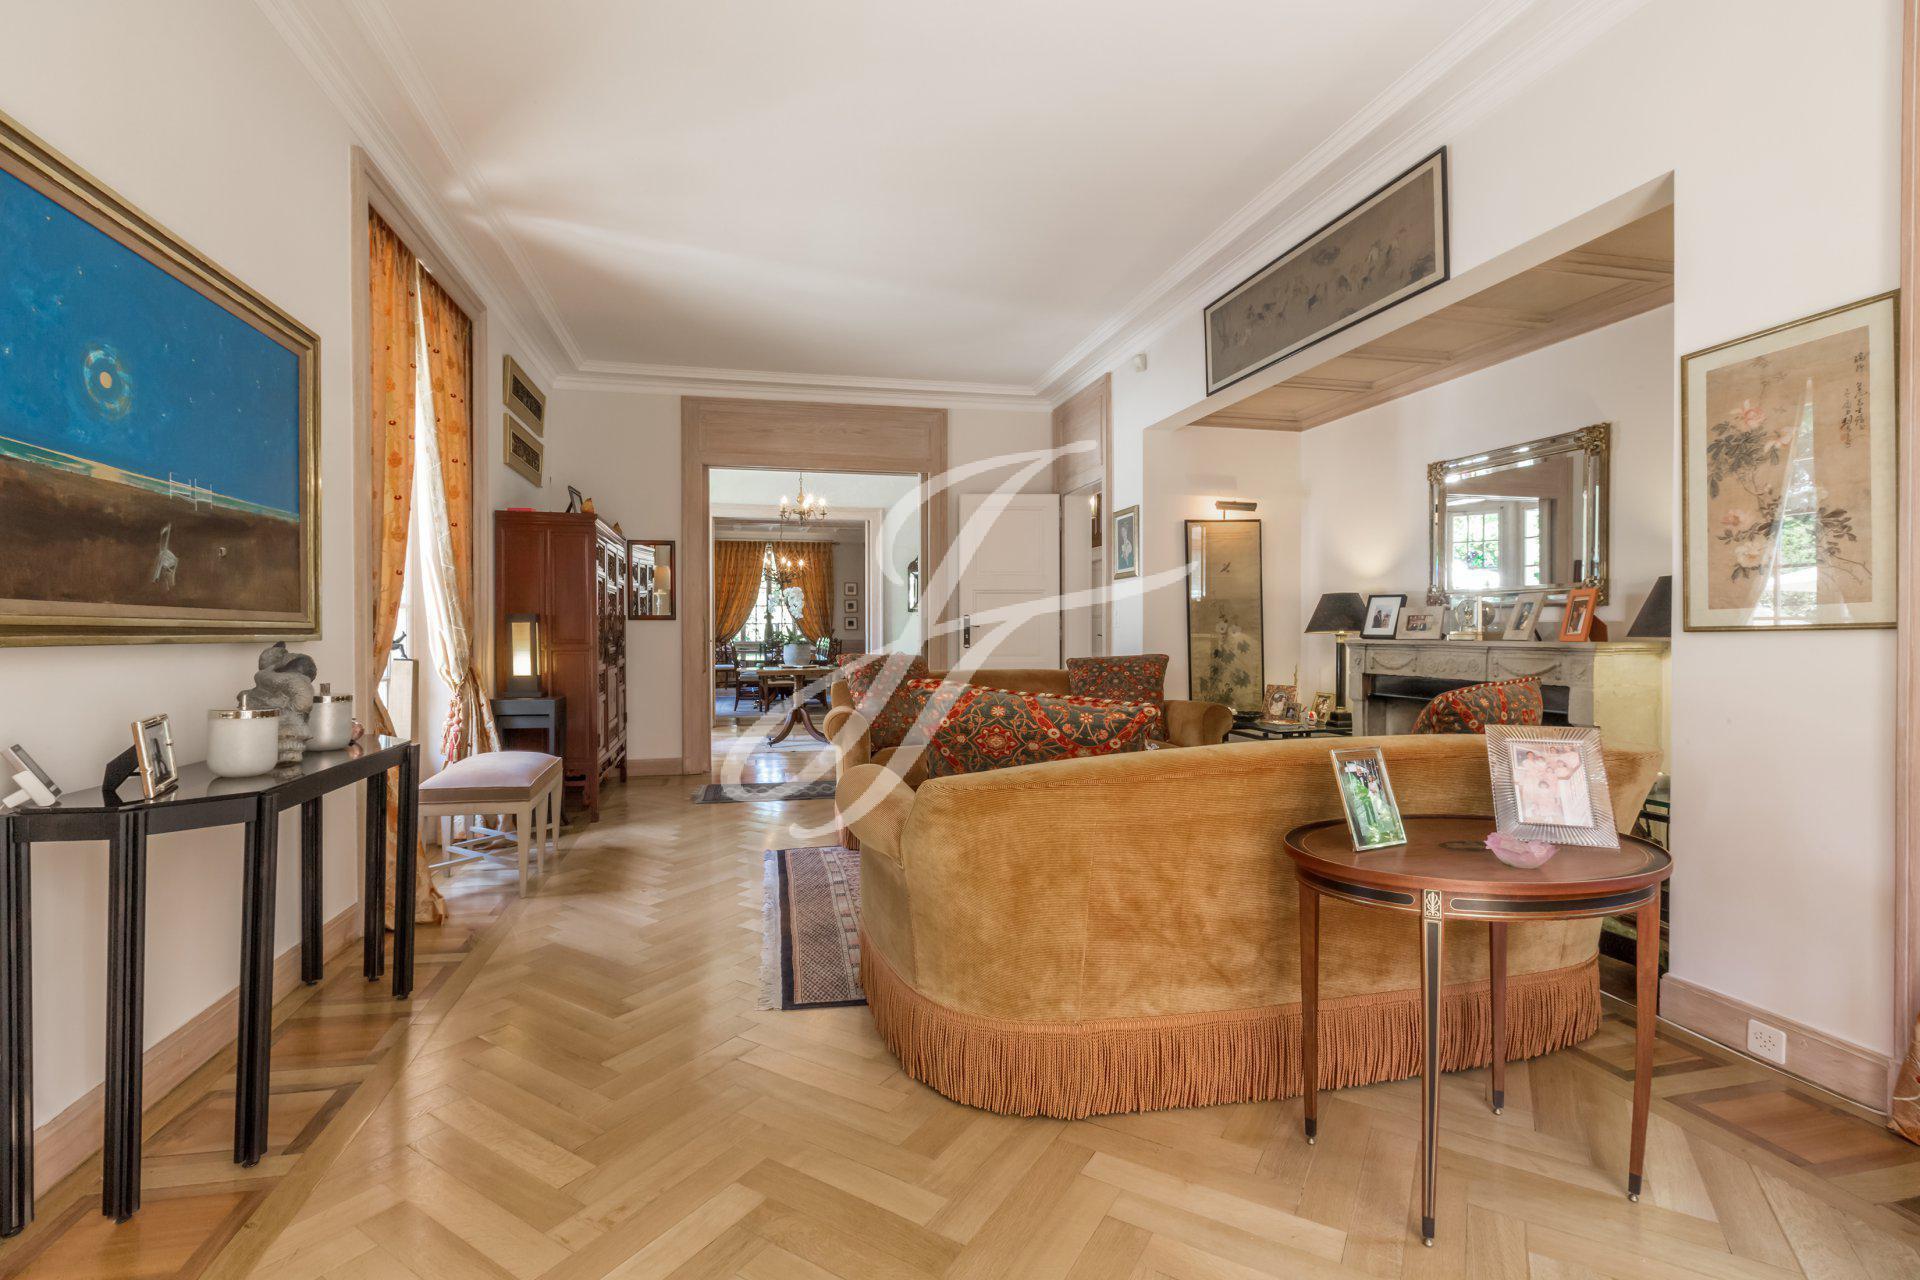 Maison de rêve à vendre à Chêne-Bougerie, Genève, Suisse  John Taylor Switzerland  FINEST RESIDENCES